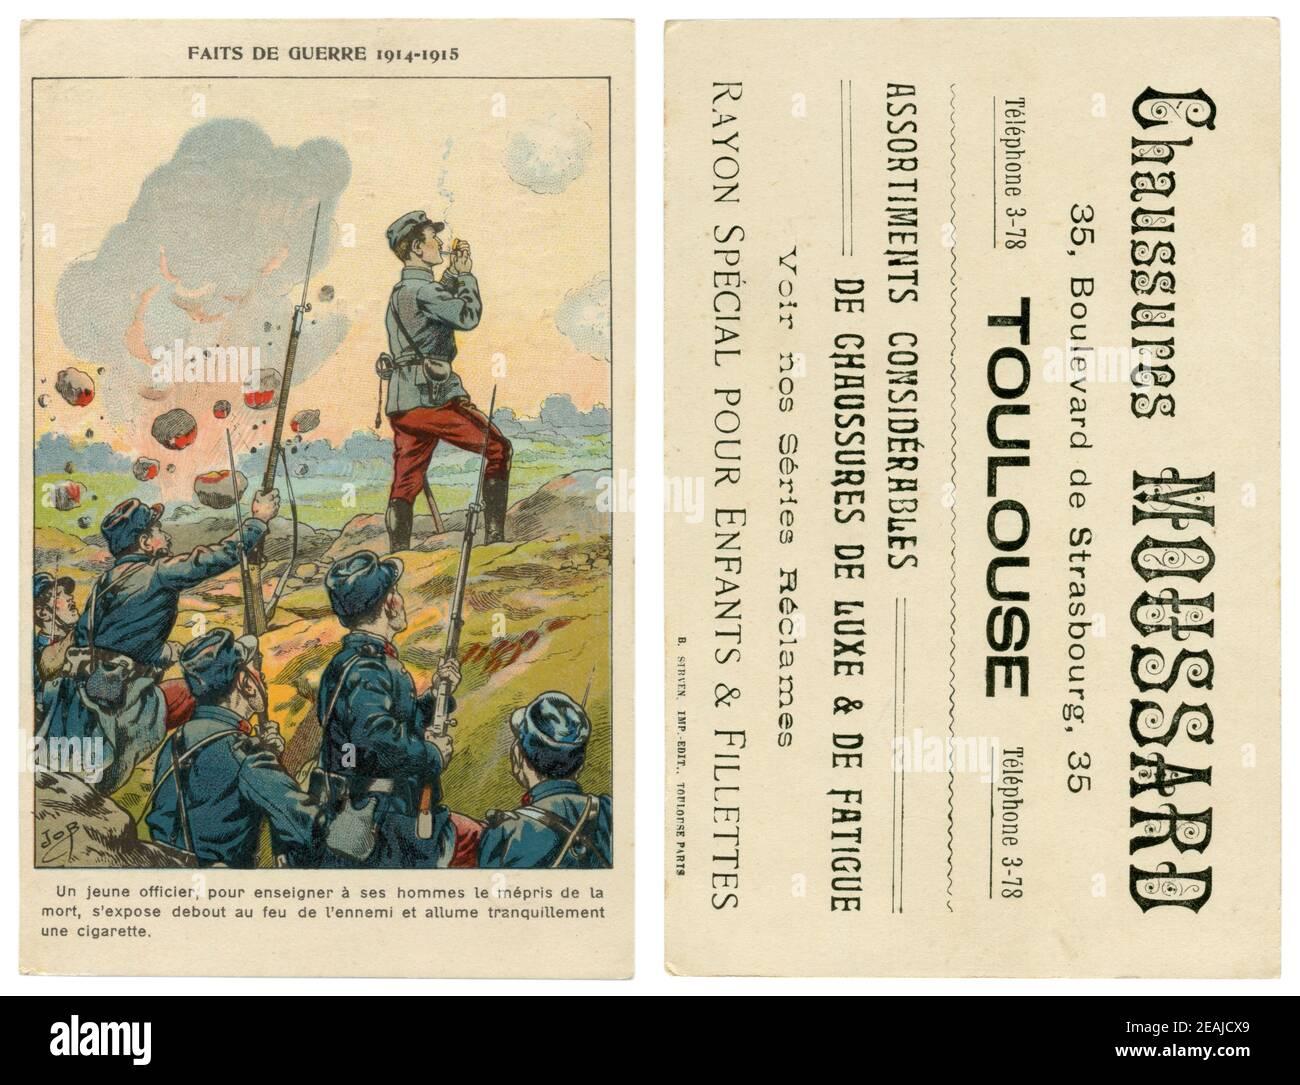 Carte postale chromolithographique de publicité historique française : un officier malgré les bombardements de l'ennemi allume une cigarette, debout, 1914 Banque D'Images